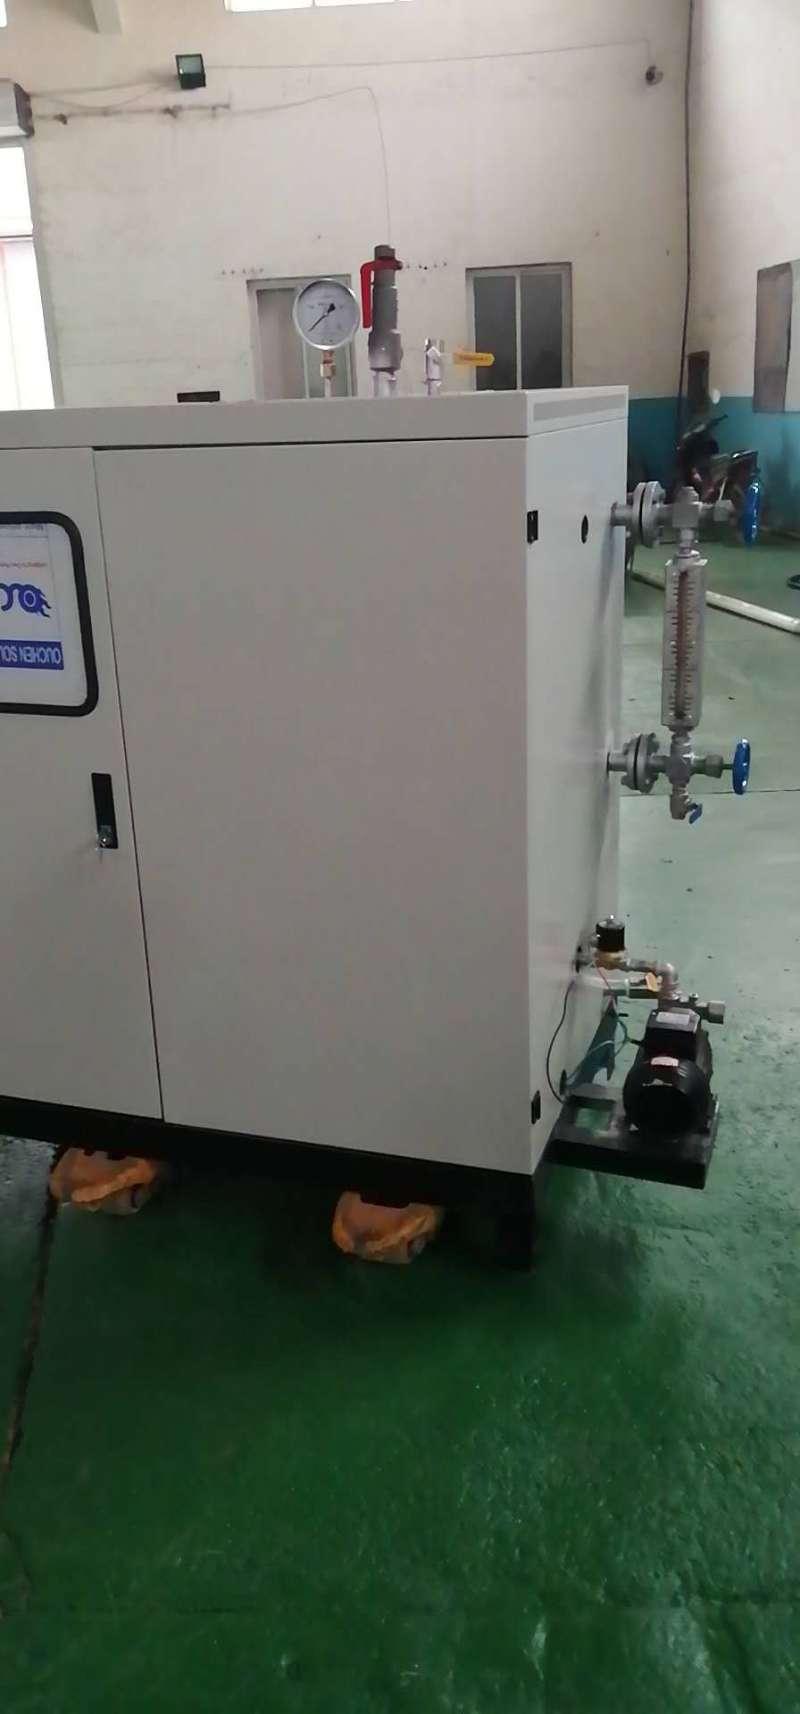 伊犁全自动变频电磁蒸汽发生器价格 乌鲁木齐品牌好的新疆电蒸汽发生器批发